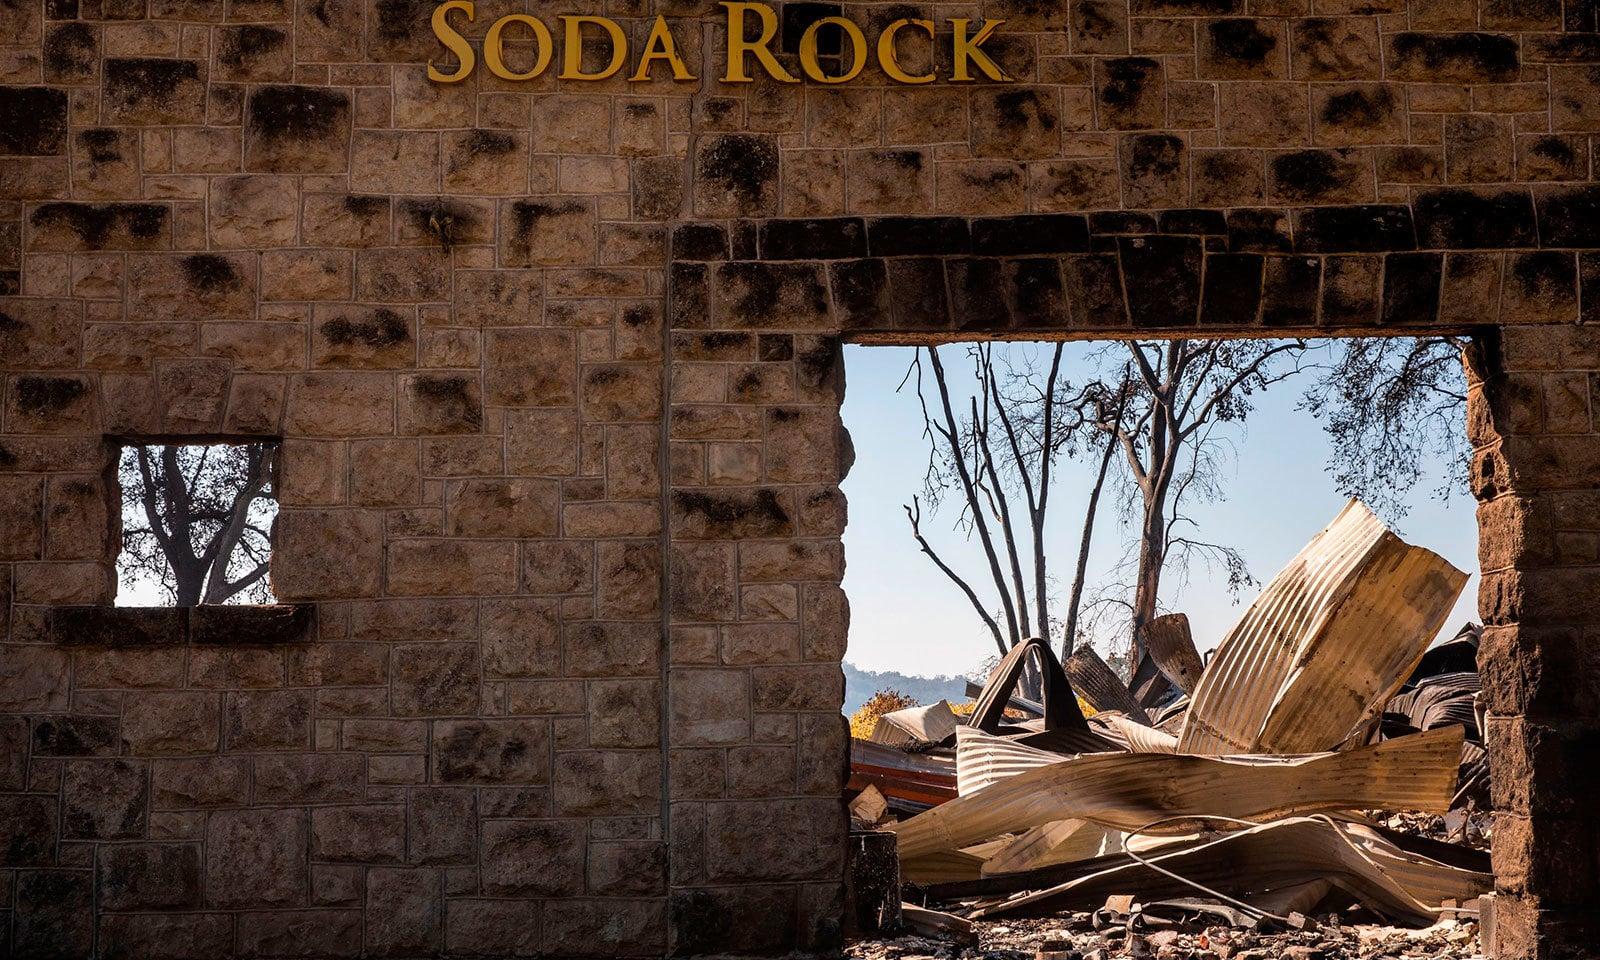 کیلیفورنیا کی آگ نے 1860 میں تعمیر ہونے والے سوڈا راک ونری کو بھی لپیٹ میں لیا اور اس کے صرف پتھر ہی رہ گئے—فوٹو:اے ایف پی